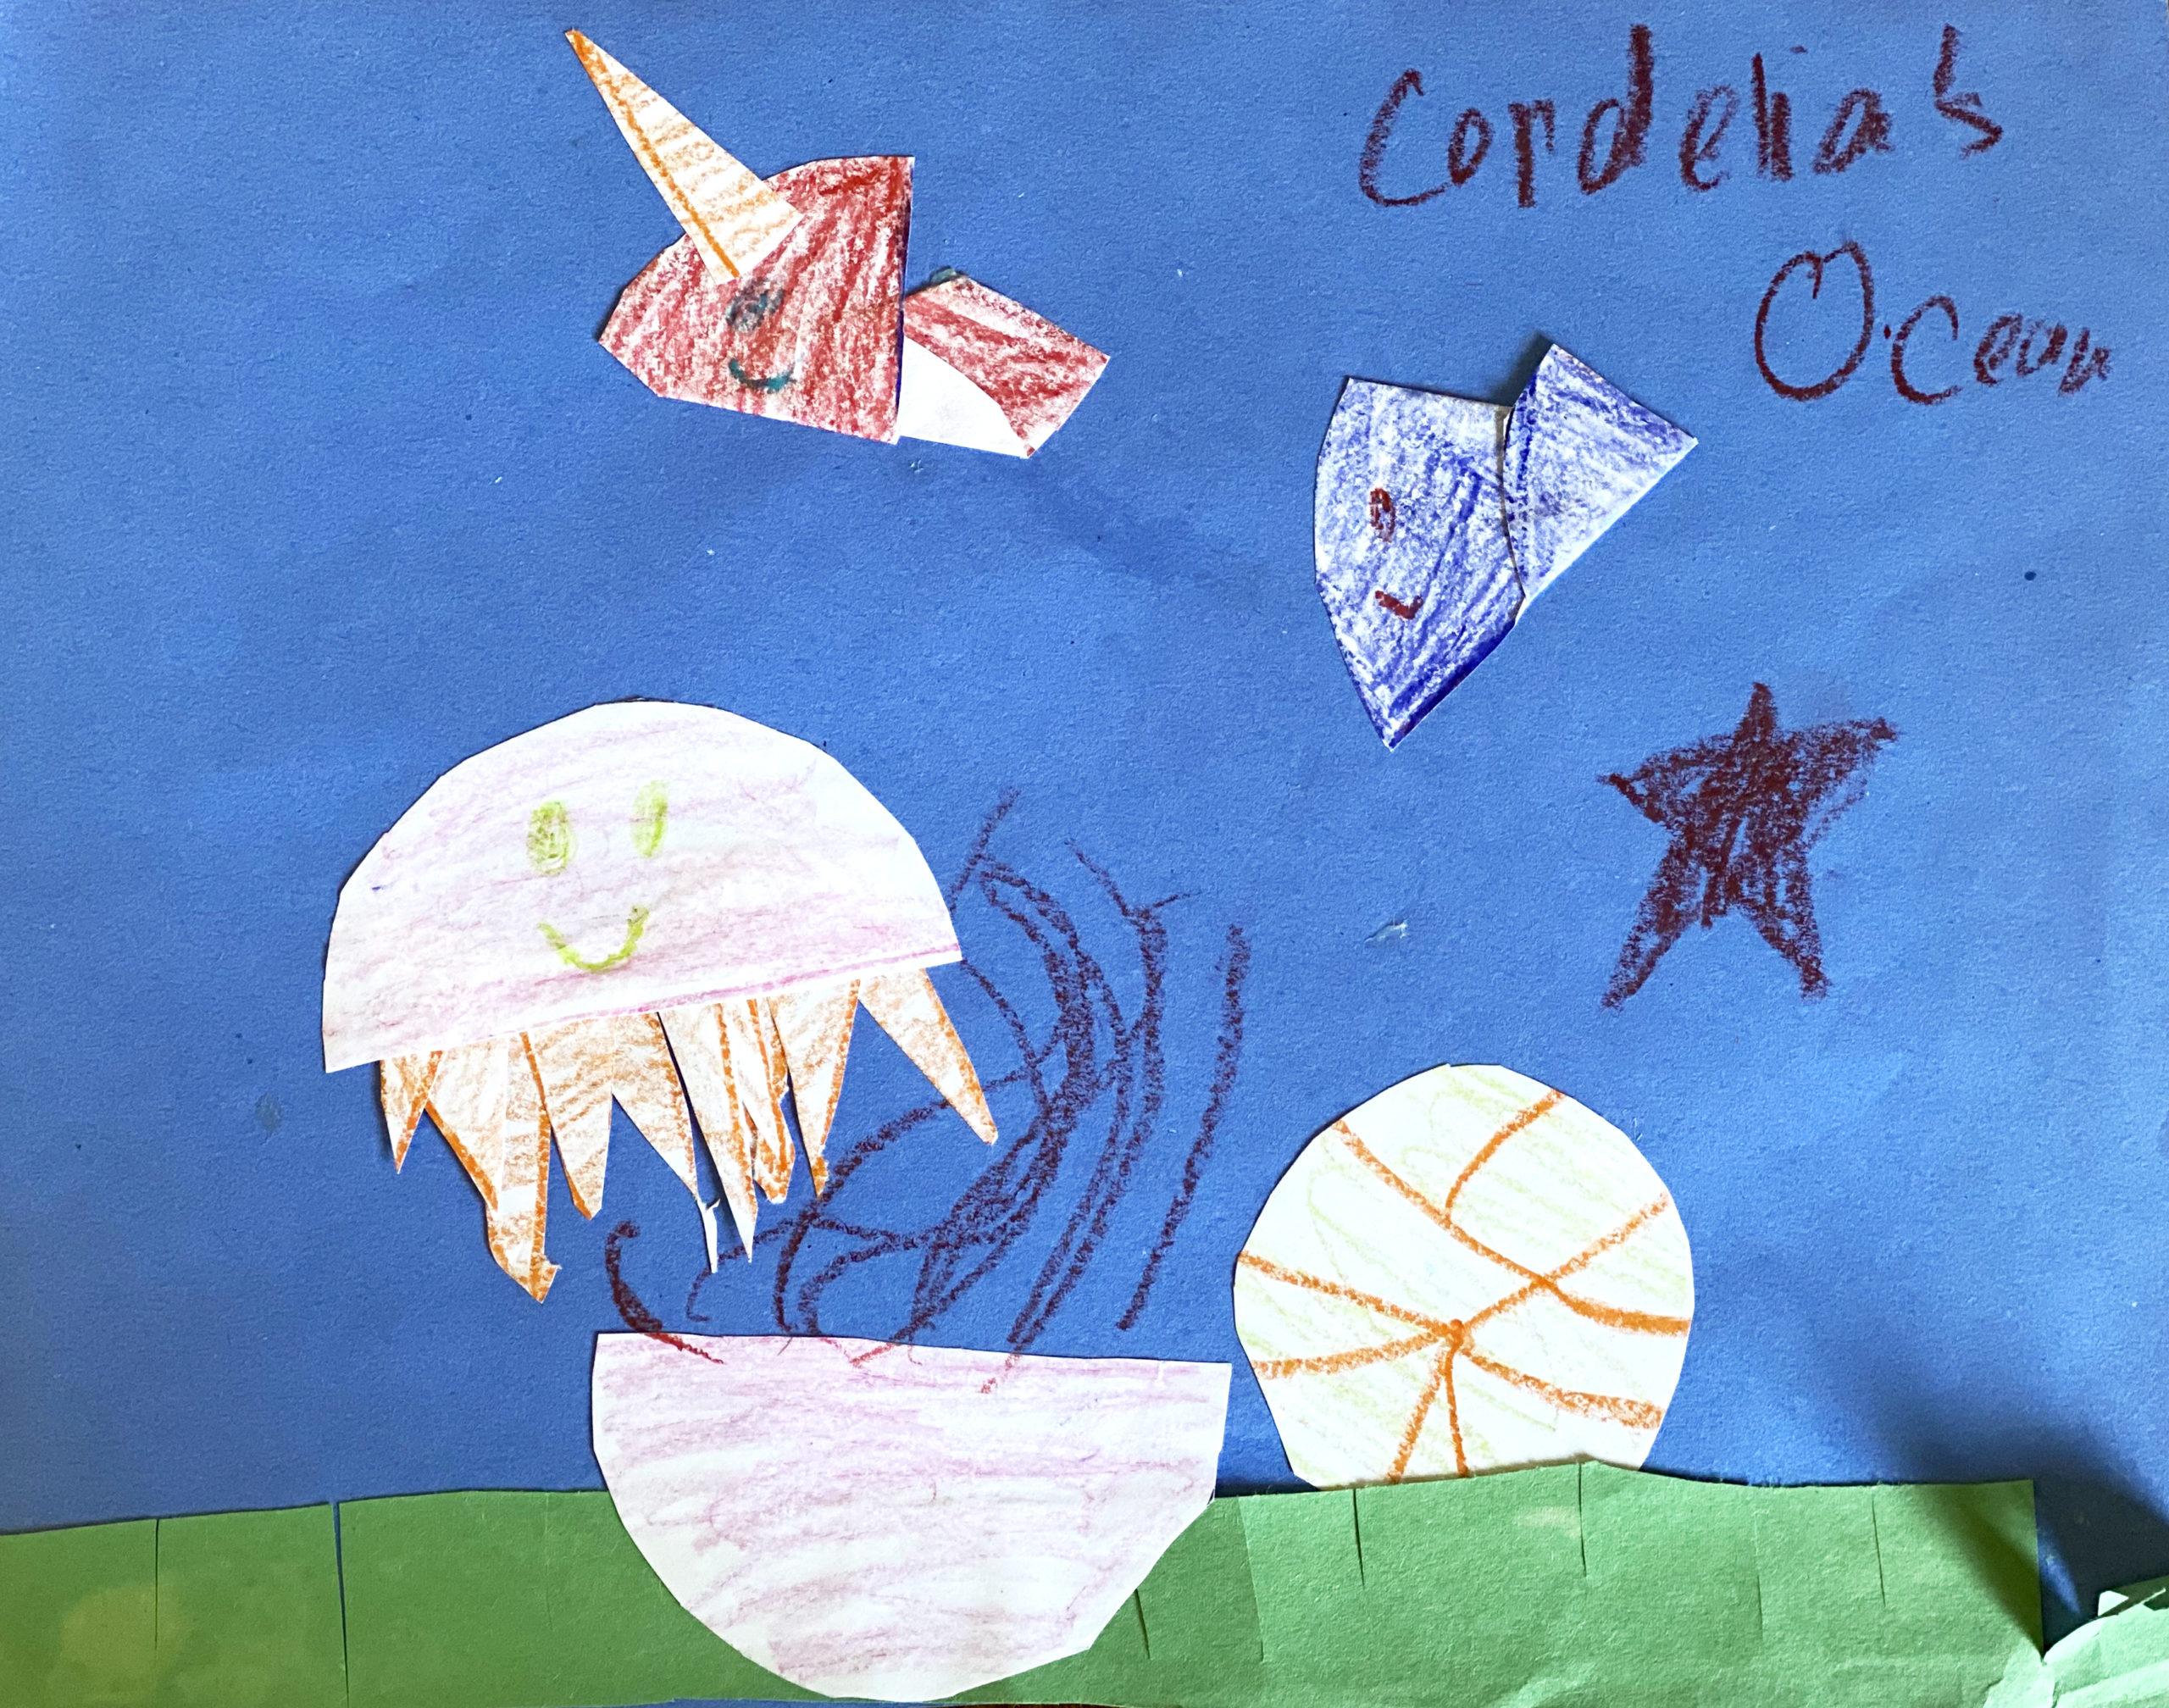 VIR Cordelia D 10 Cordelias Ocean collage